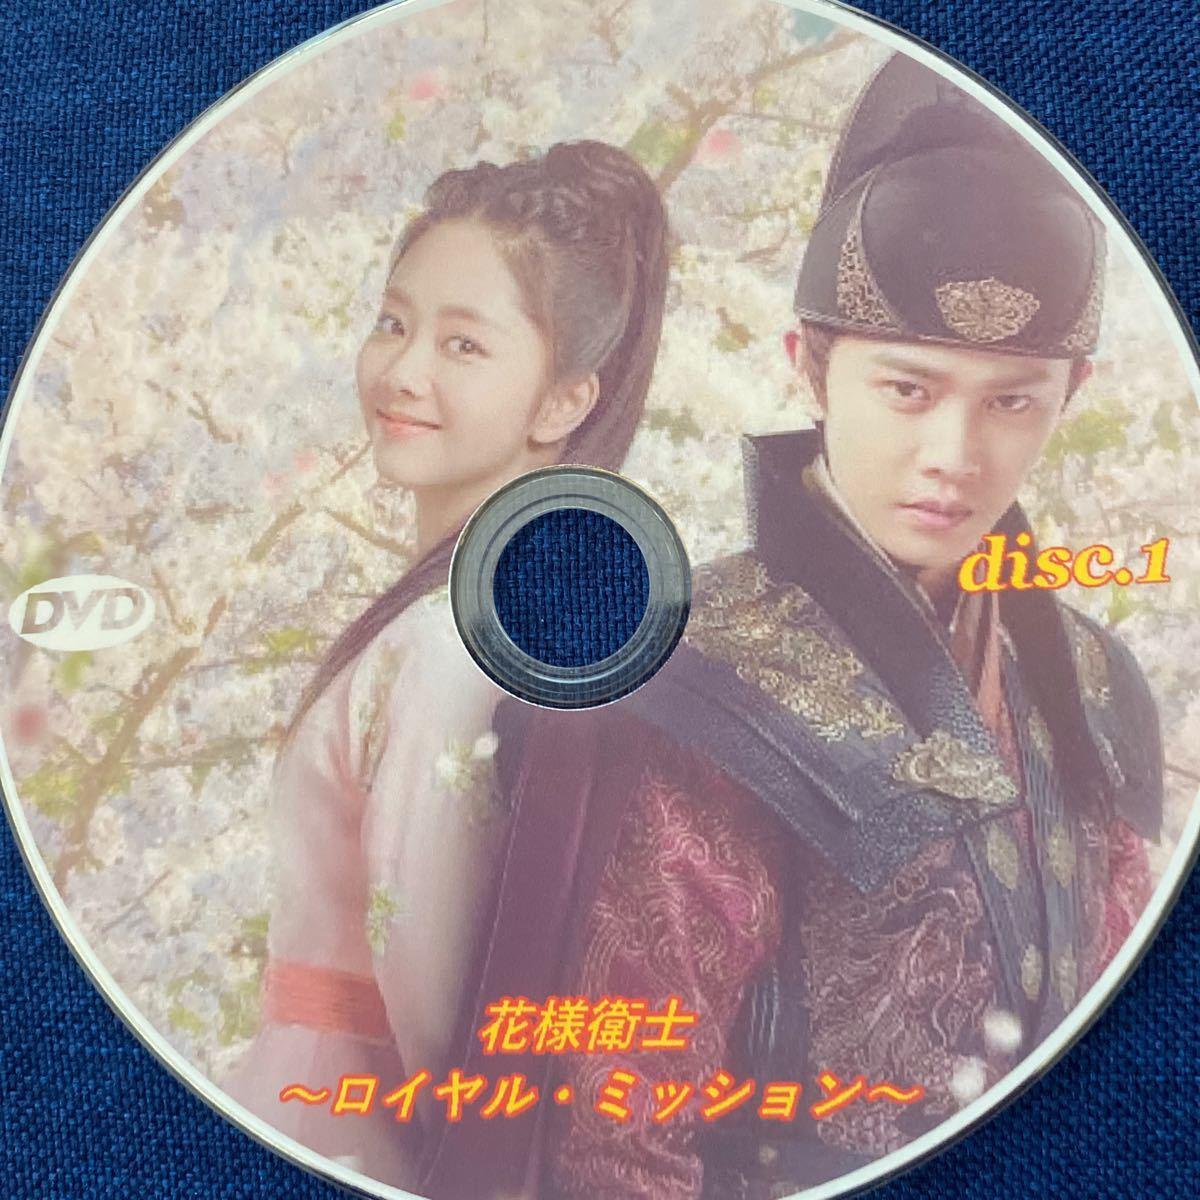 中国ドラマ 花様衛士〜ロイヤルミッション〜 DVD全話